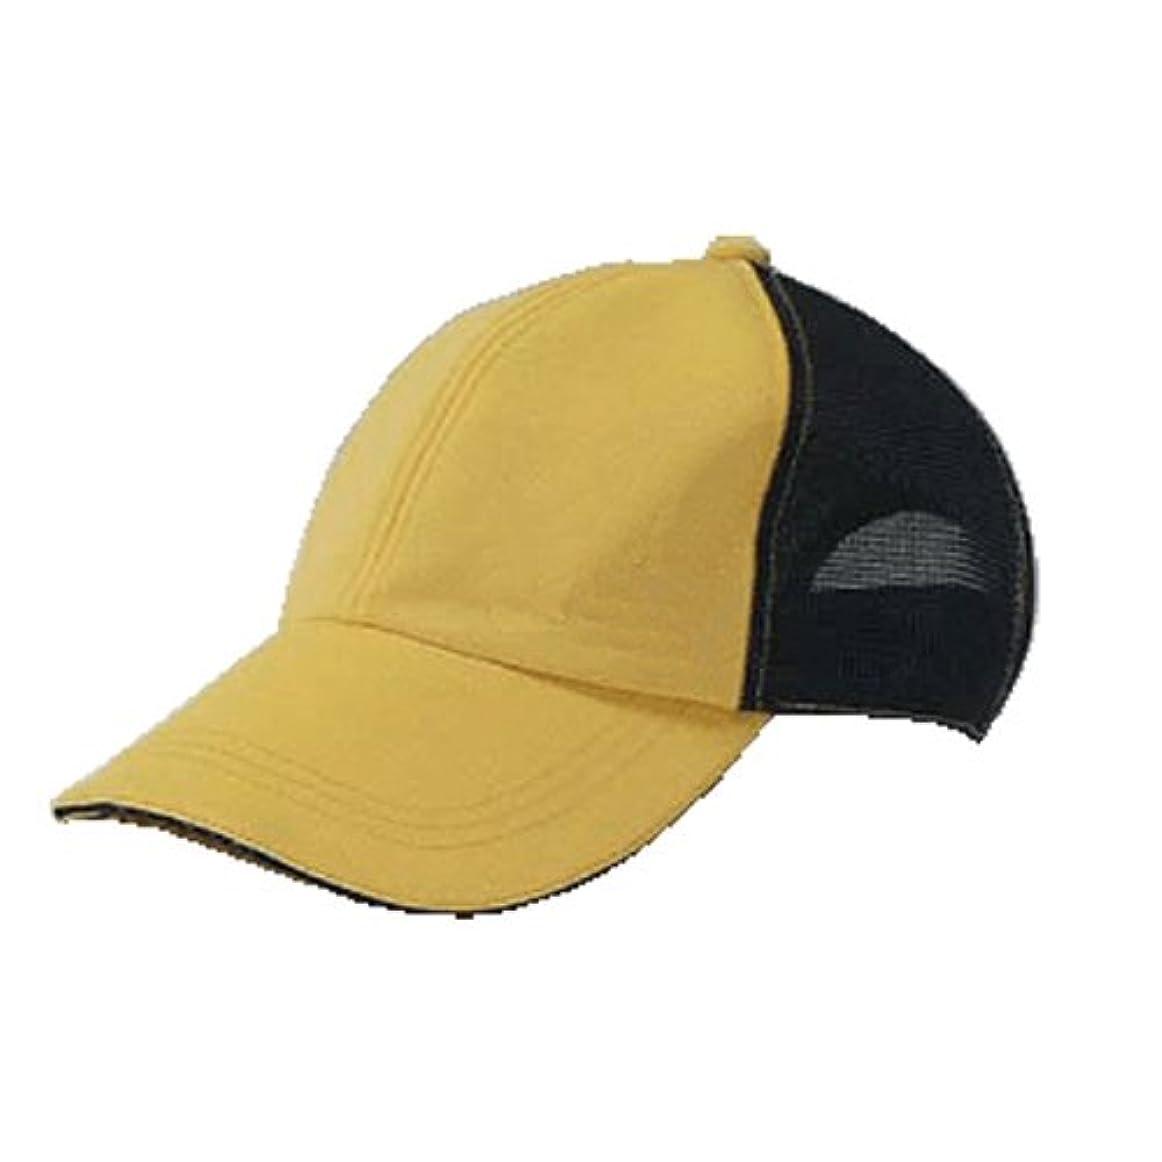 練る輝く交差点LEDライト付き帽子 TERUBO メッシュタイプ 黄/黒